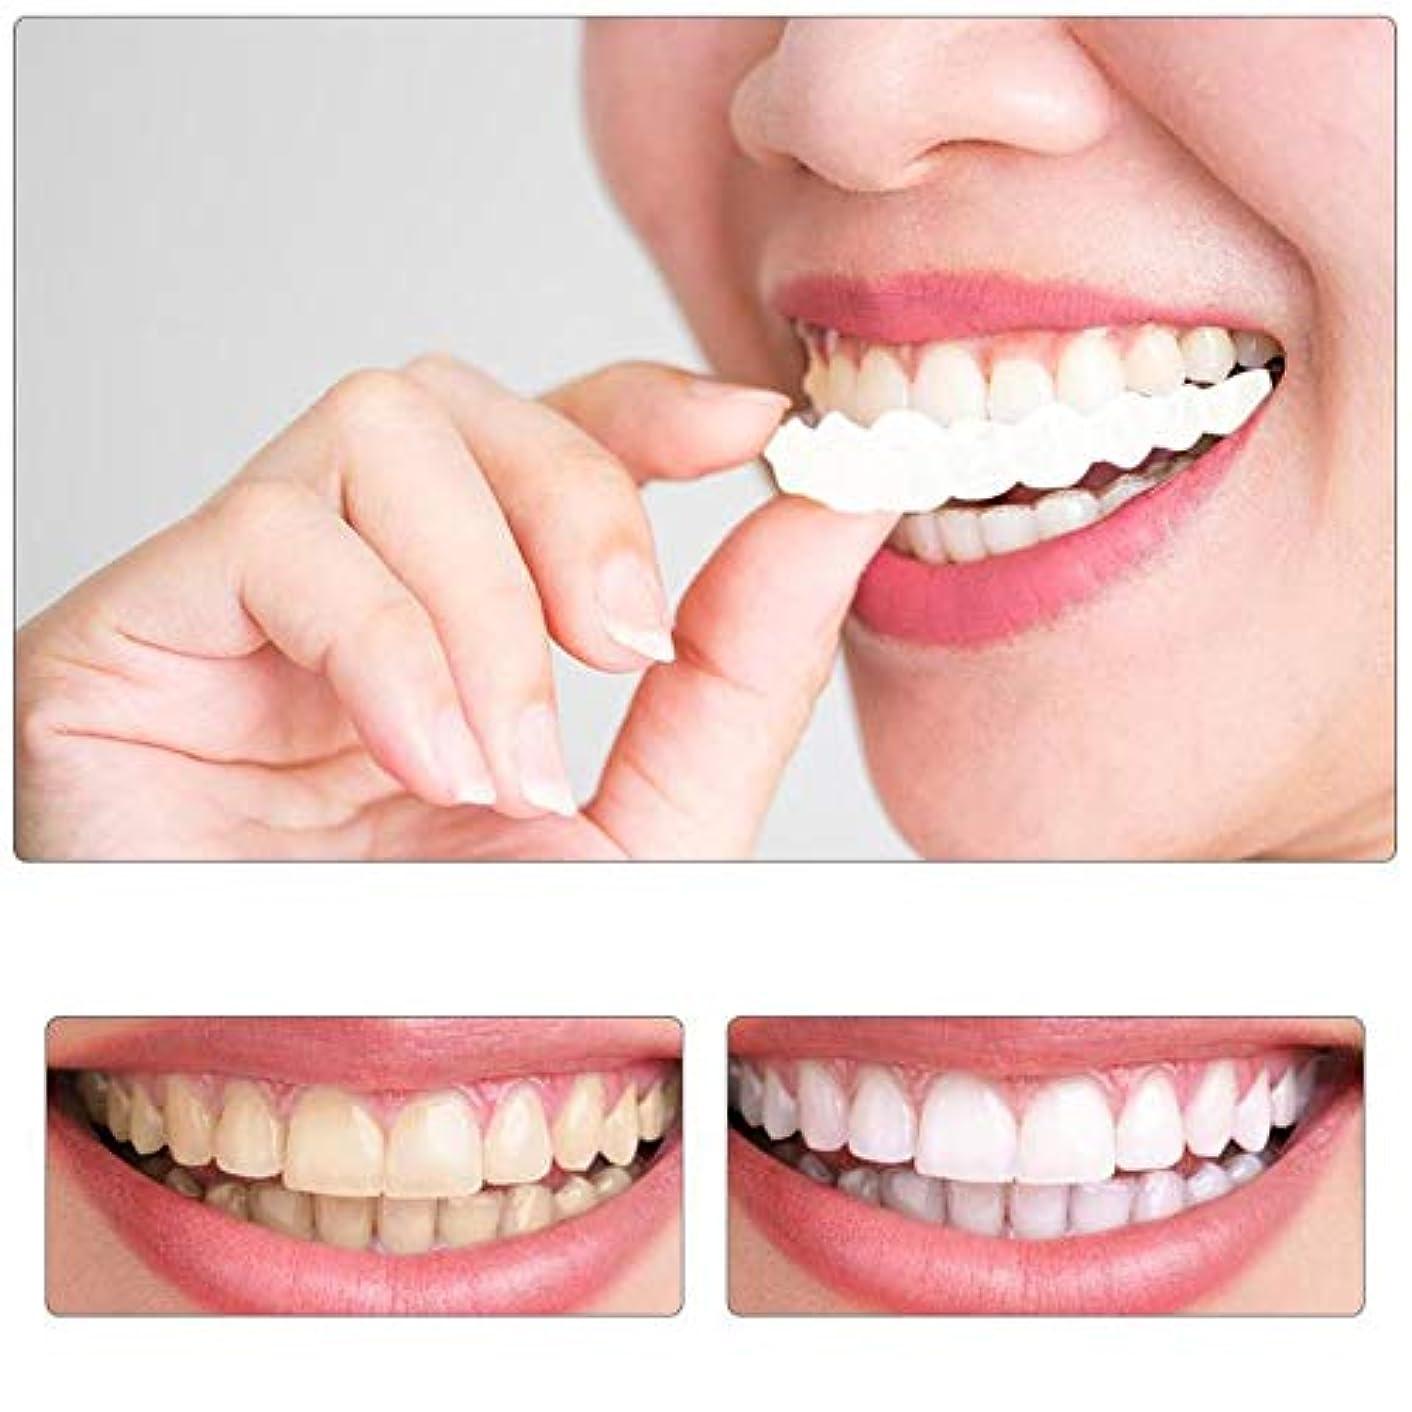 1ペア偽歯上部偽偽歯カバースナップオン即時歯化粧品義歯ケアオーラルケアプラスチックホワイトニング義歯